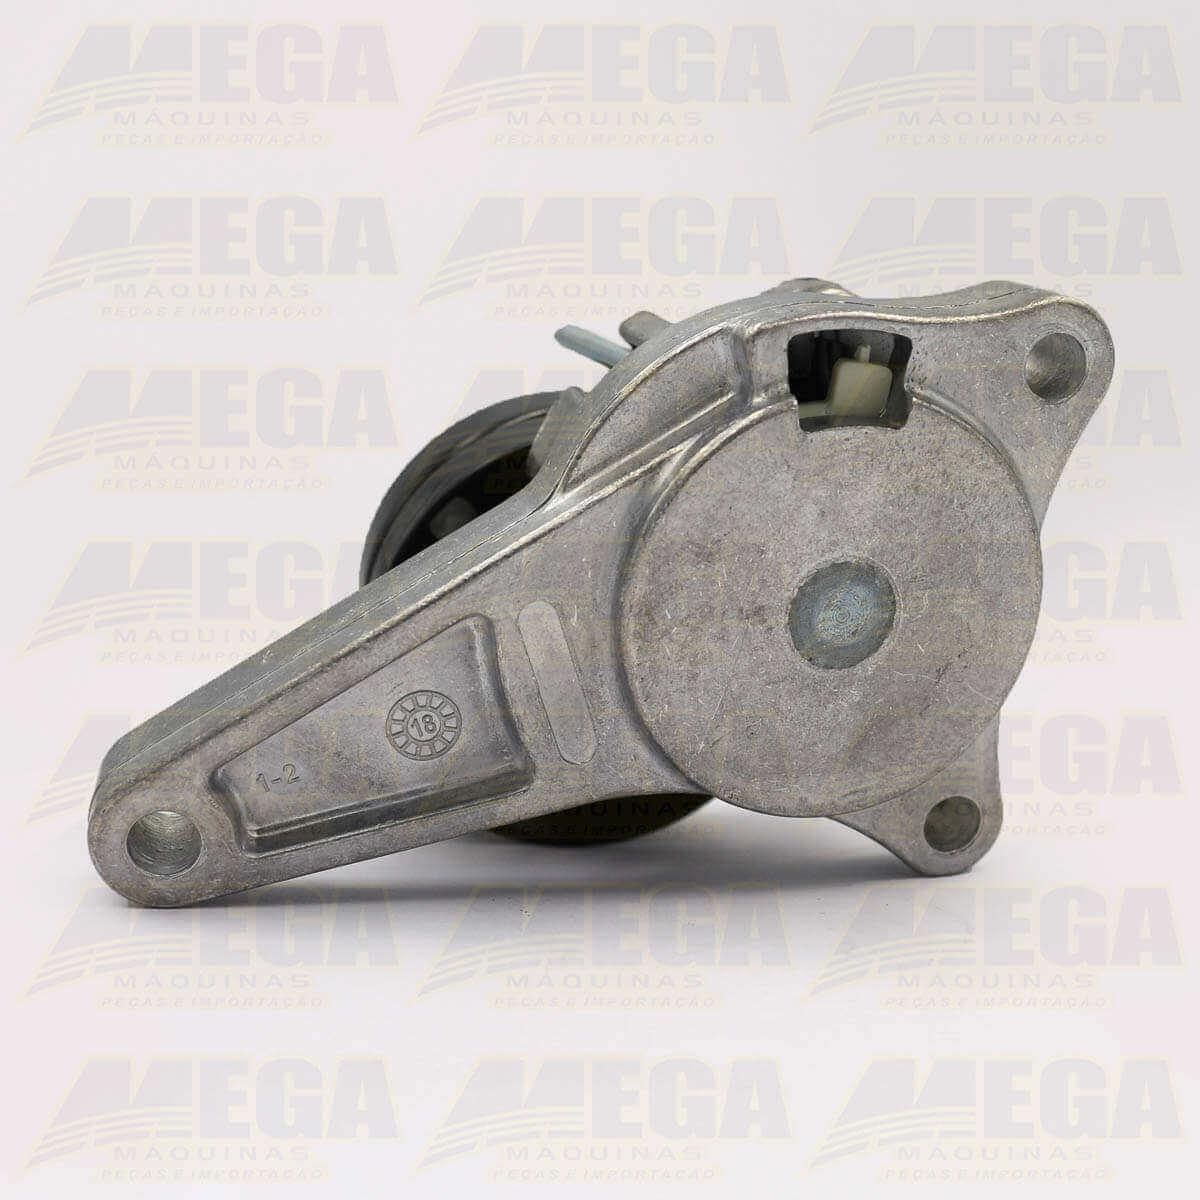 Tensionador Completo - 320/08651